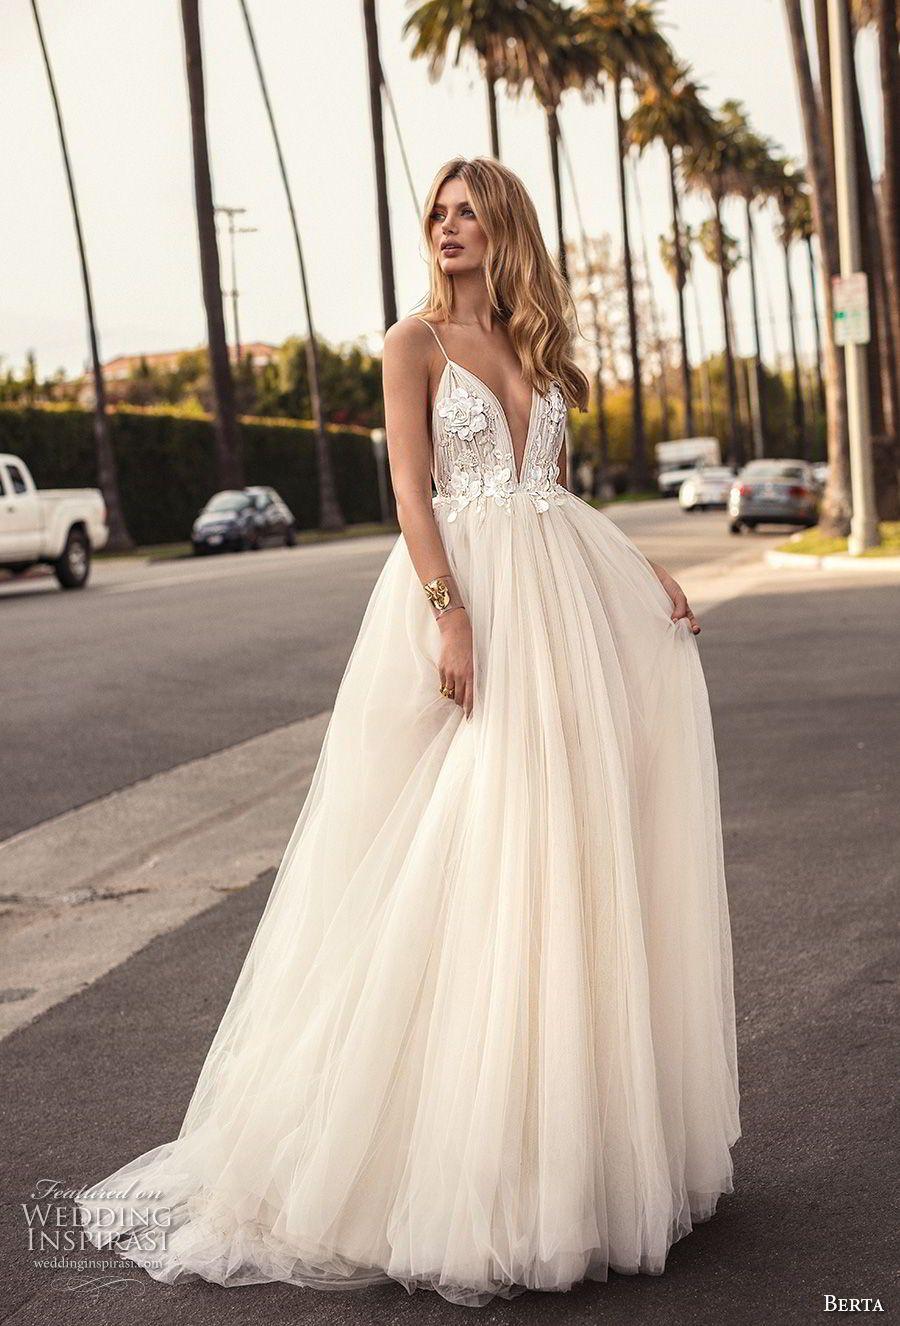 Muse von Berta 16 Brautkleider  Dream wedding dresses, Backless